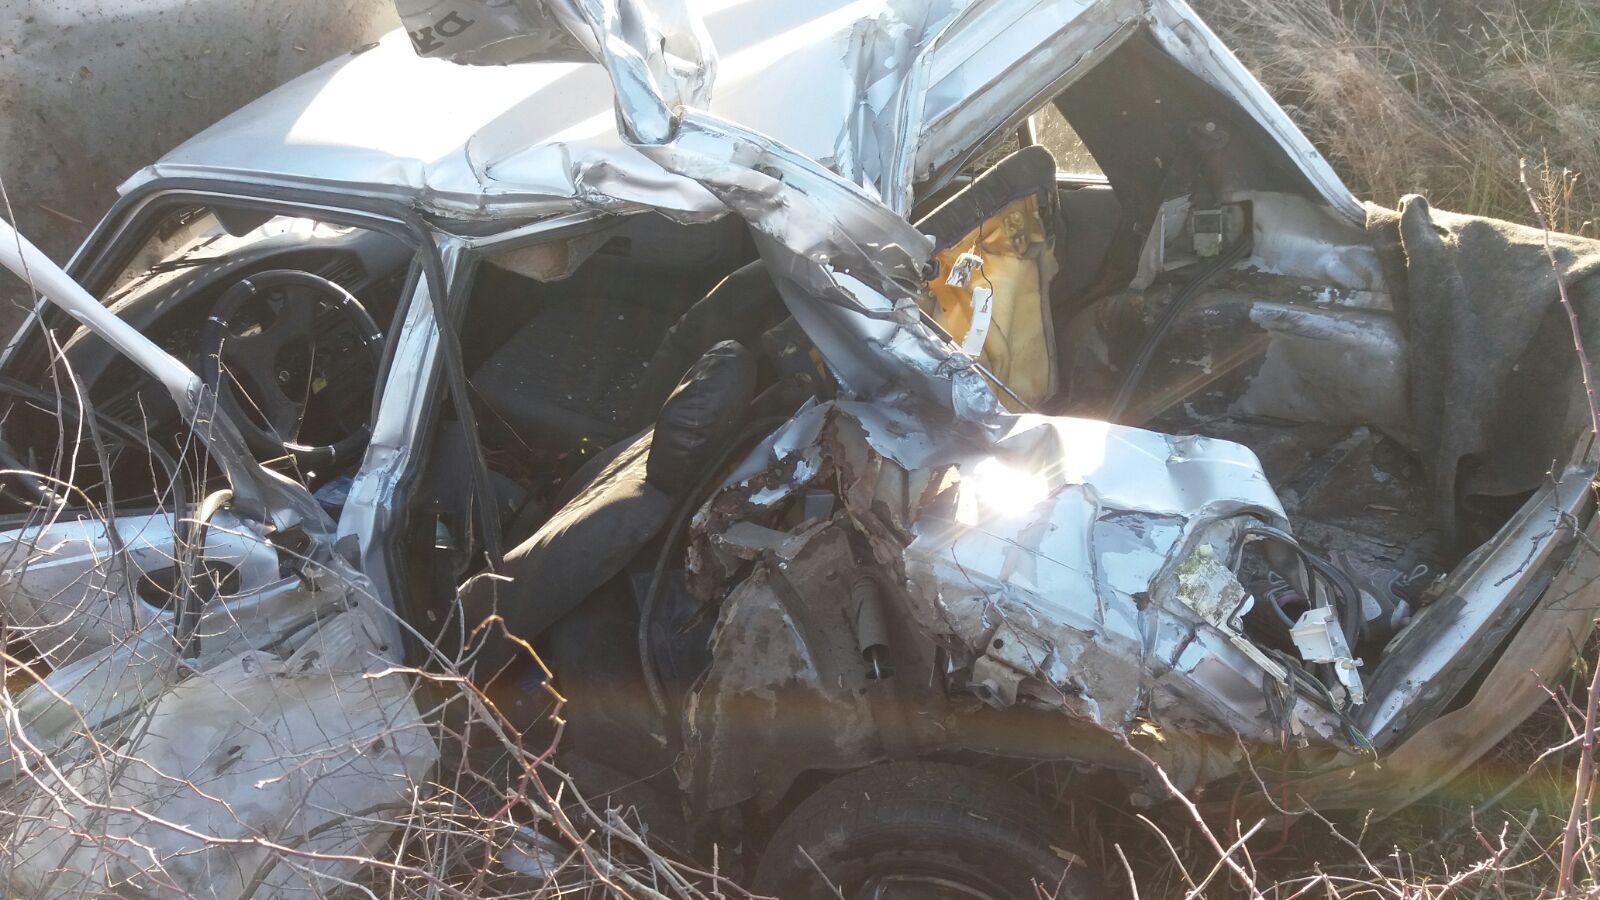 Imagini de groază de la accidentul de tren dintre Tășnad și Cig. O femeie și-a pierdut viața